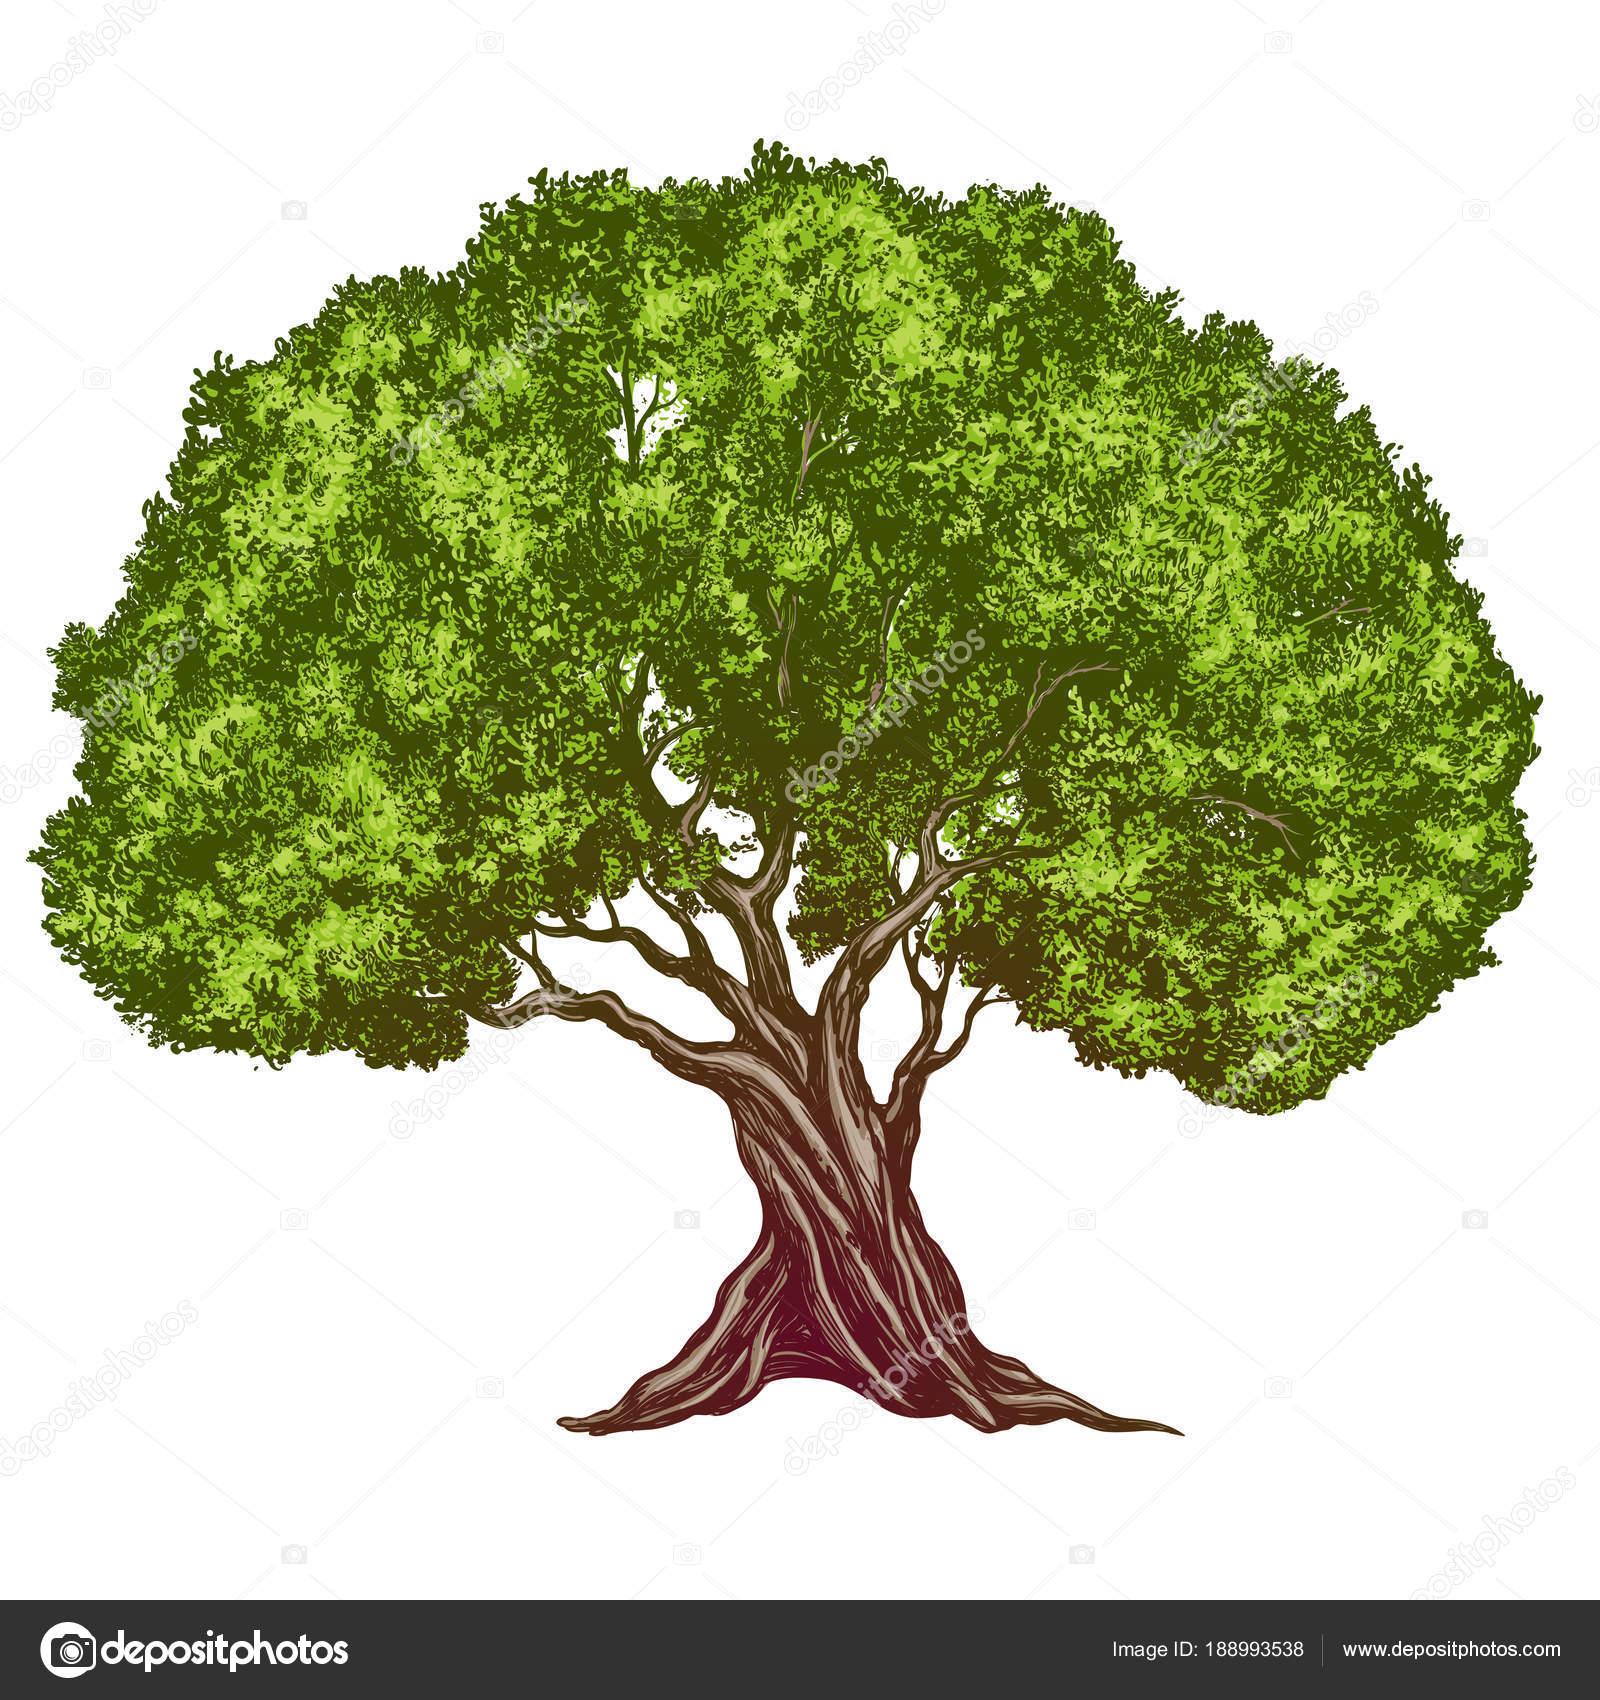 Dibujos Arboles A Color Dibujo Realista Color De Aceituna árbol